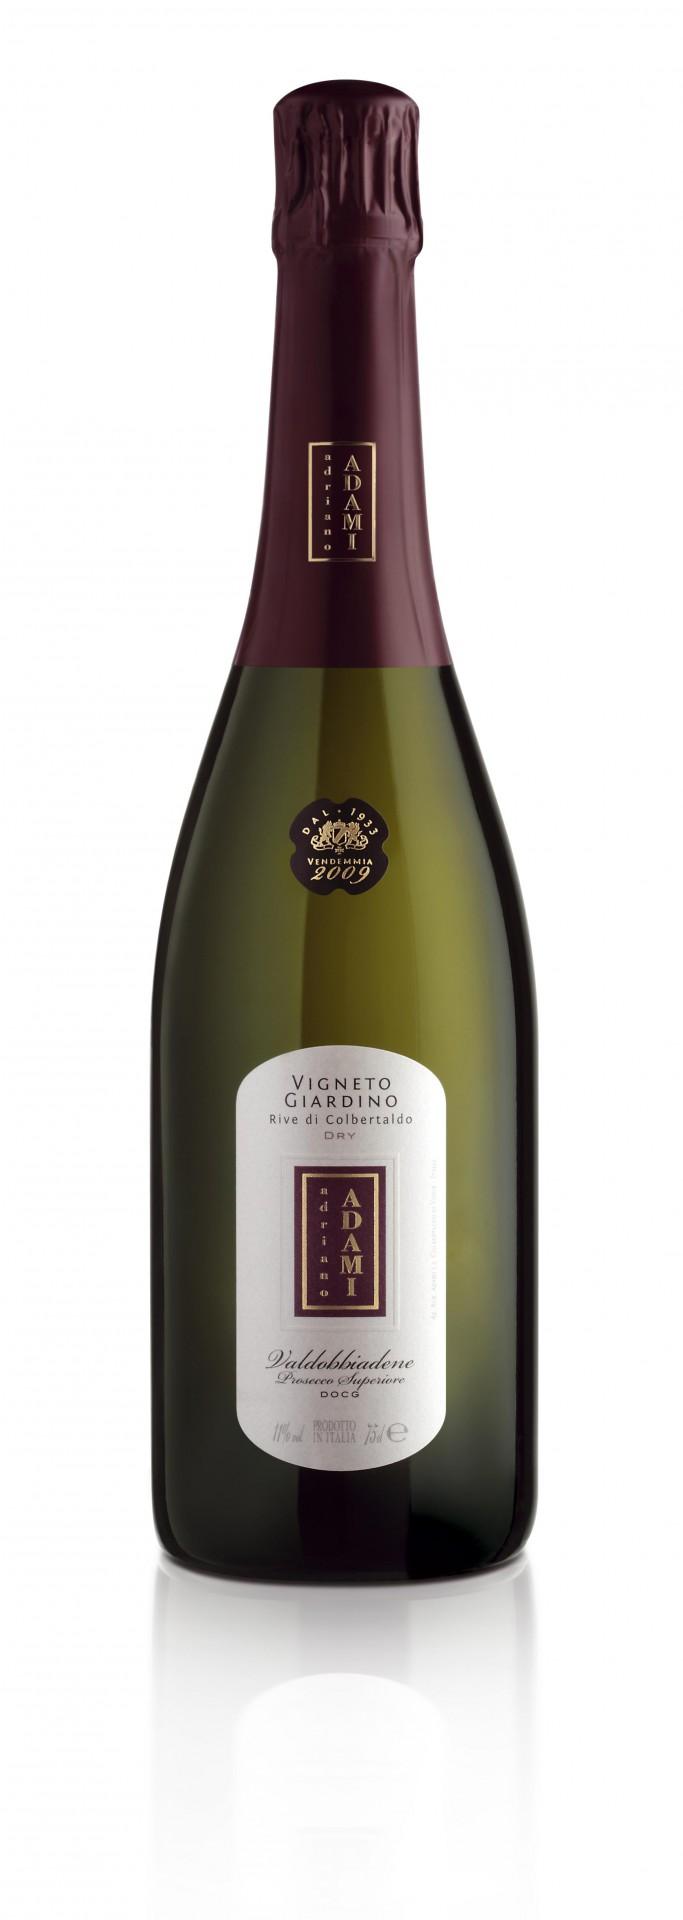 Vino rosso Vigneto Giardino Asciutto Valdobbiadene Prosecco Superiore Rive di Colbertaldo